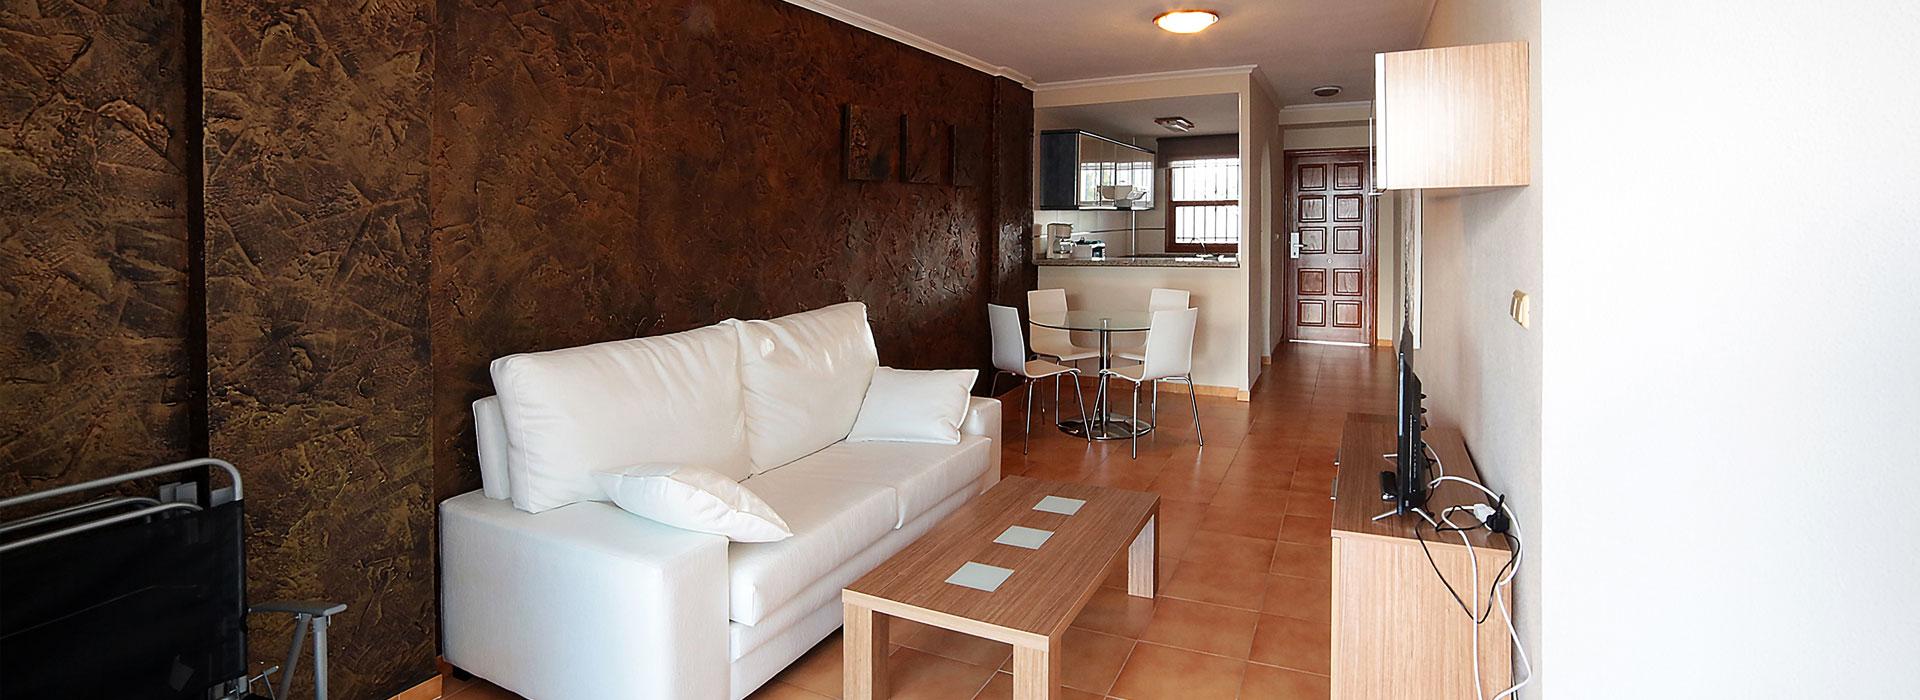 acb.immo - Appartement rénové de 2 chambres à Monte Pego, Dénia